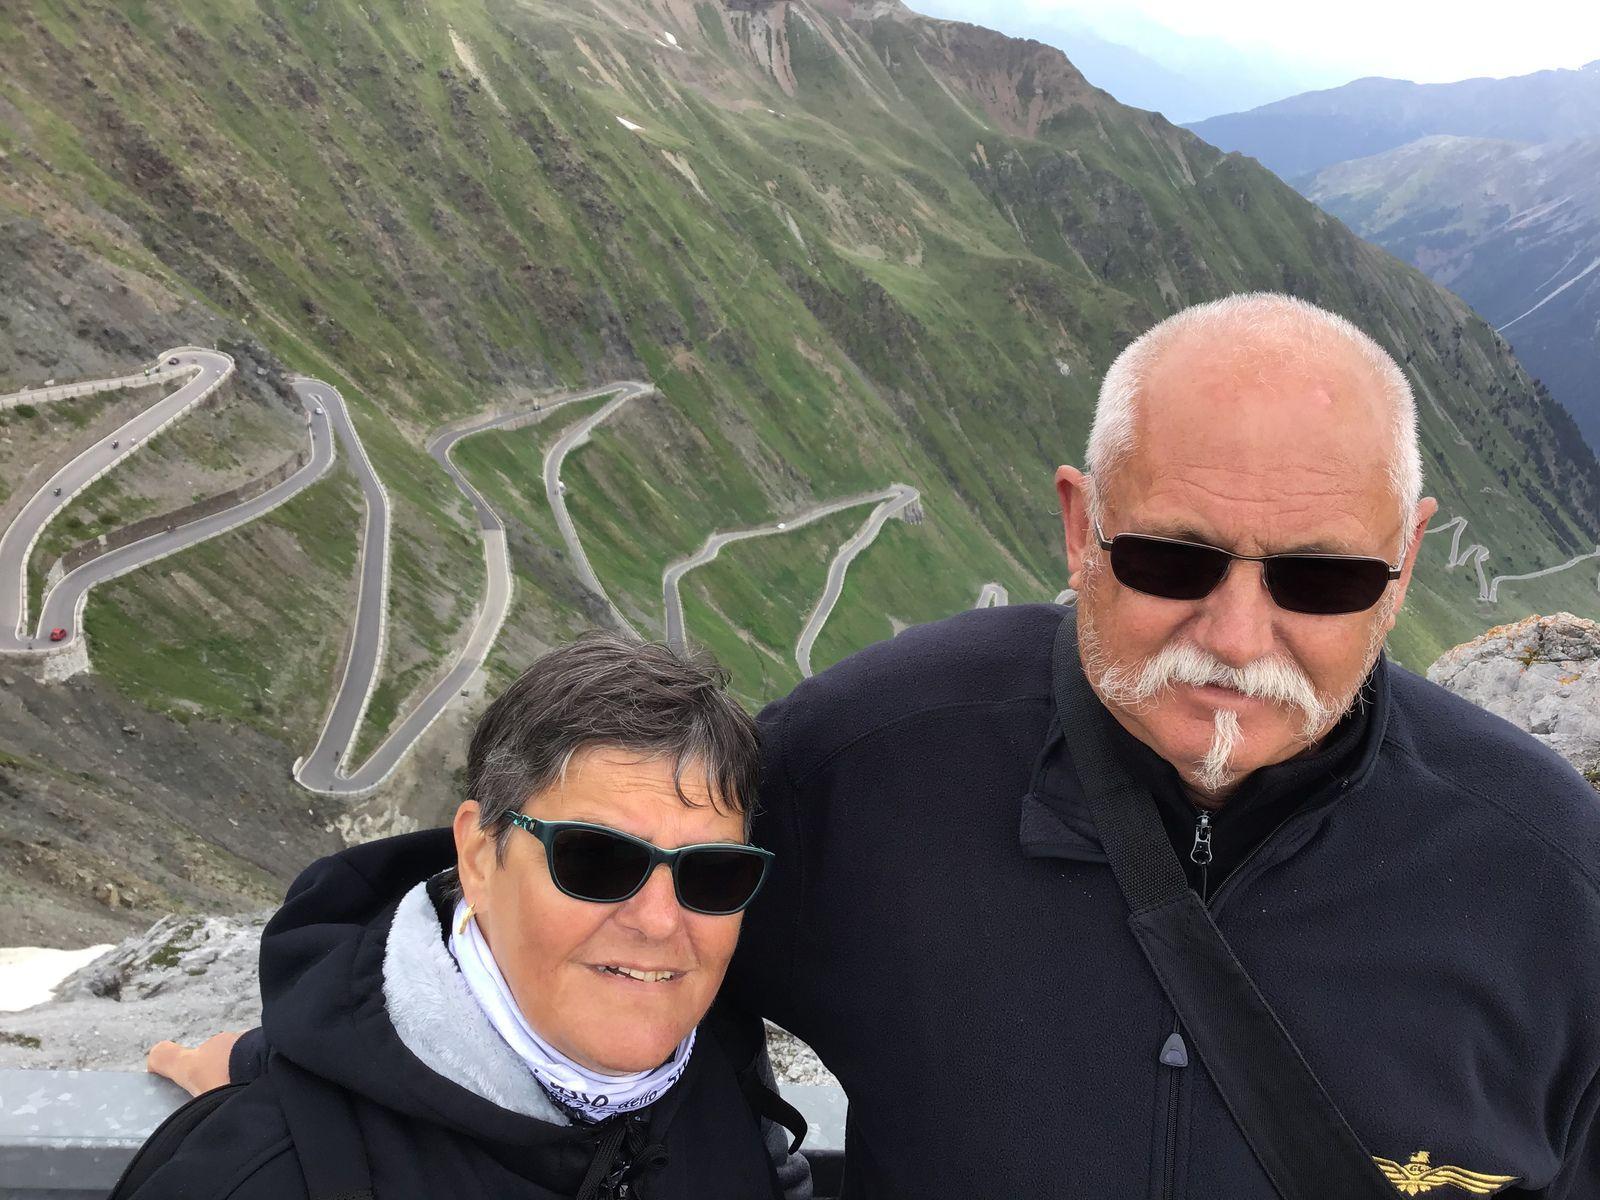 Goldwing Unsersbande - Périple Dolomites et Cinque terre : Farniente, ballade à Livigno et le Rifugio au Stelvio 13th day